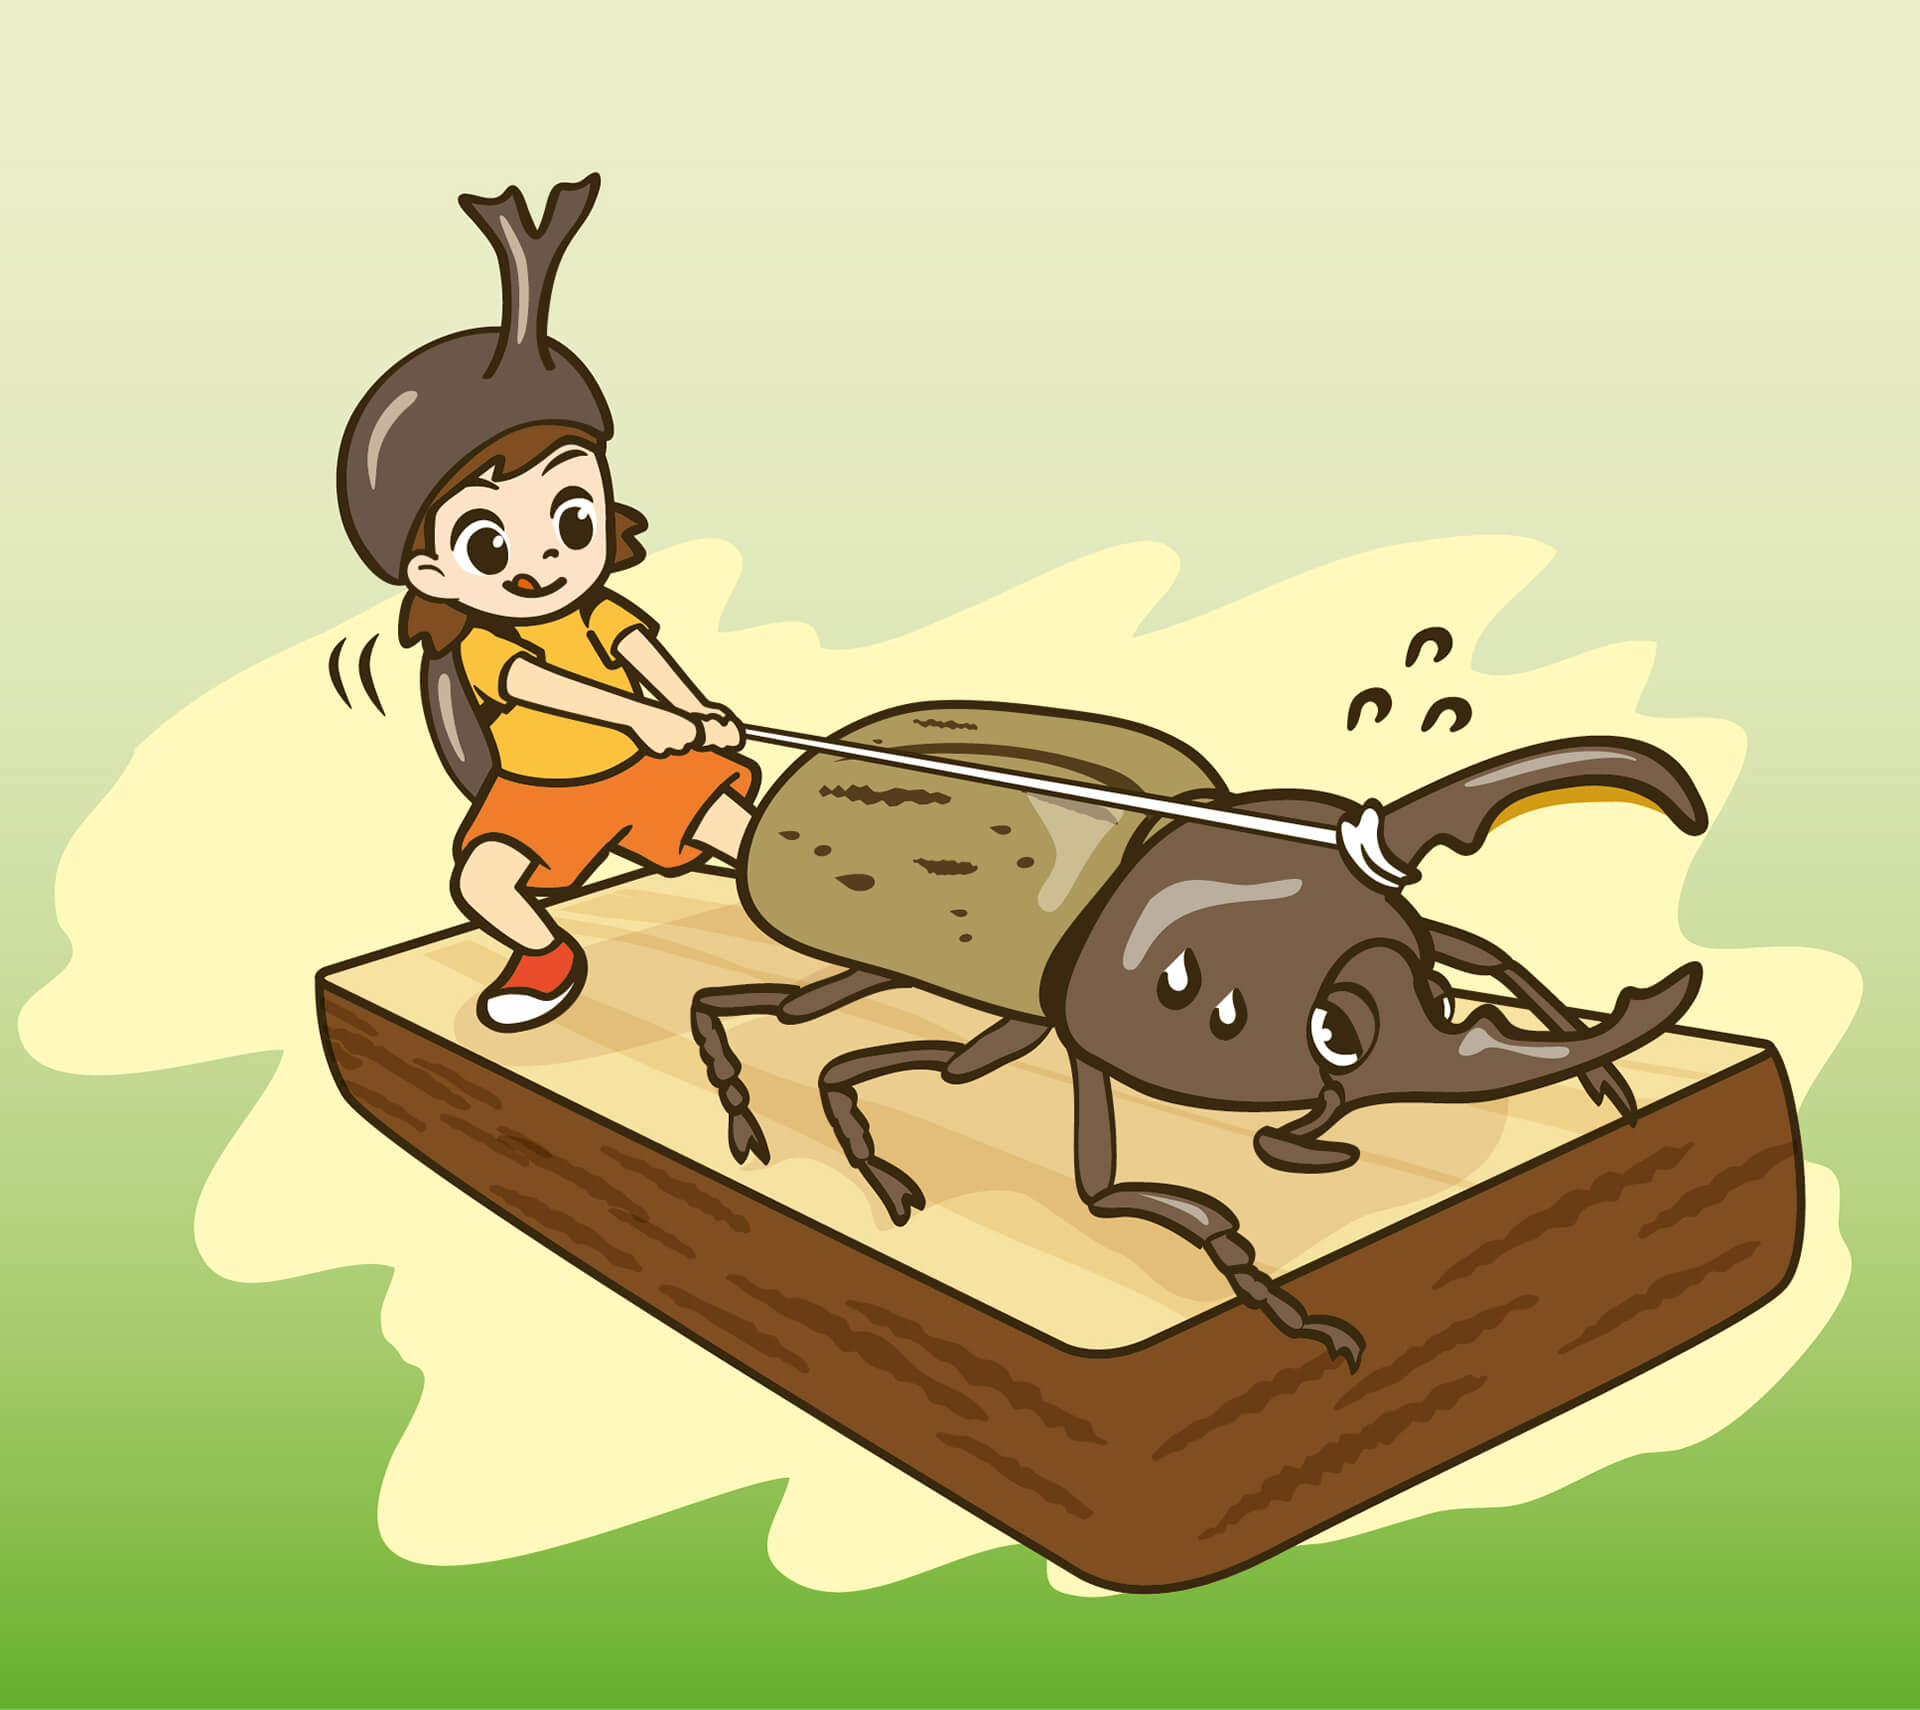 この写真は変身!昆虫スゴわざ展2019のコンテンツ紹介・ オーエス!ヘラクレス。カブトムシとの綱引きをするイラストです